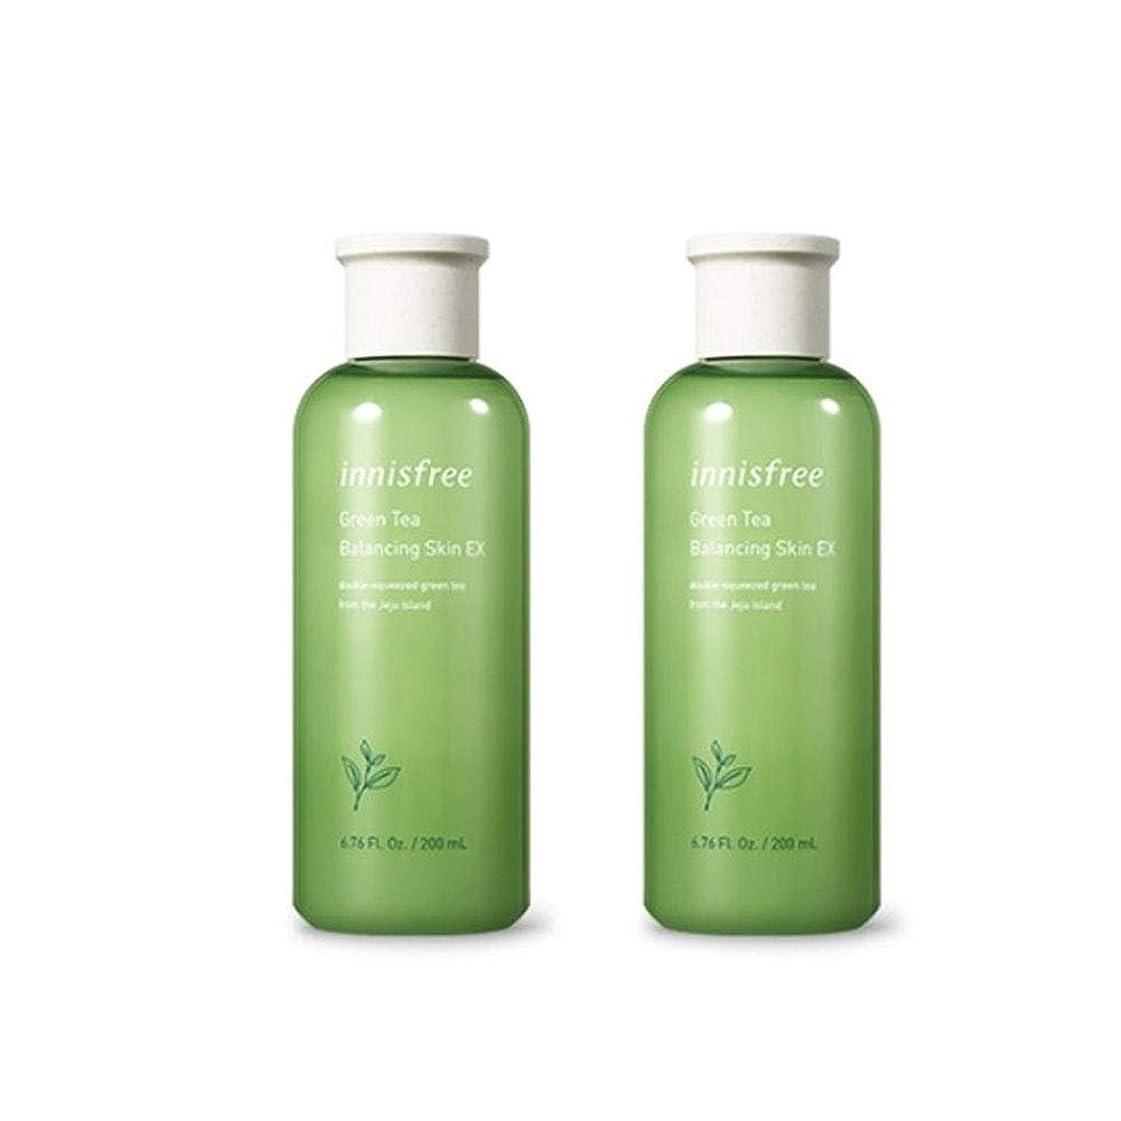 住所情熱的解釈するイニスフリーグリーンティーバランシングスキンEX 200mlx2本セット韓国コスメ、innisfree Green Tea Balancing Skin EX 200ml x 2ea Set Korean Cosmetics [並行輸入品]